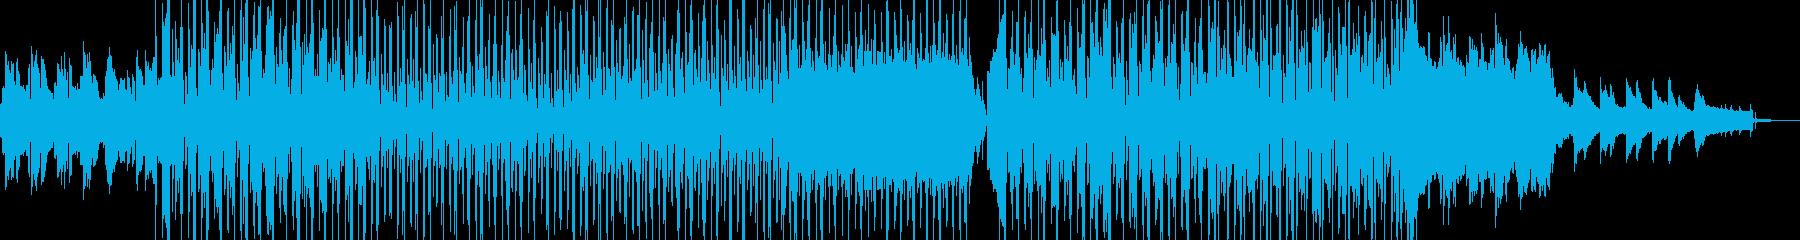 失恋・倦怠感が漂う2人のR&B 短尺+の再生済みの波形